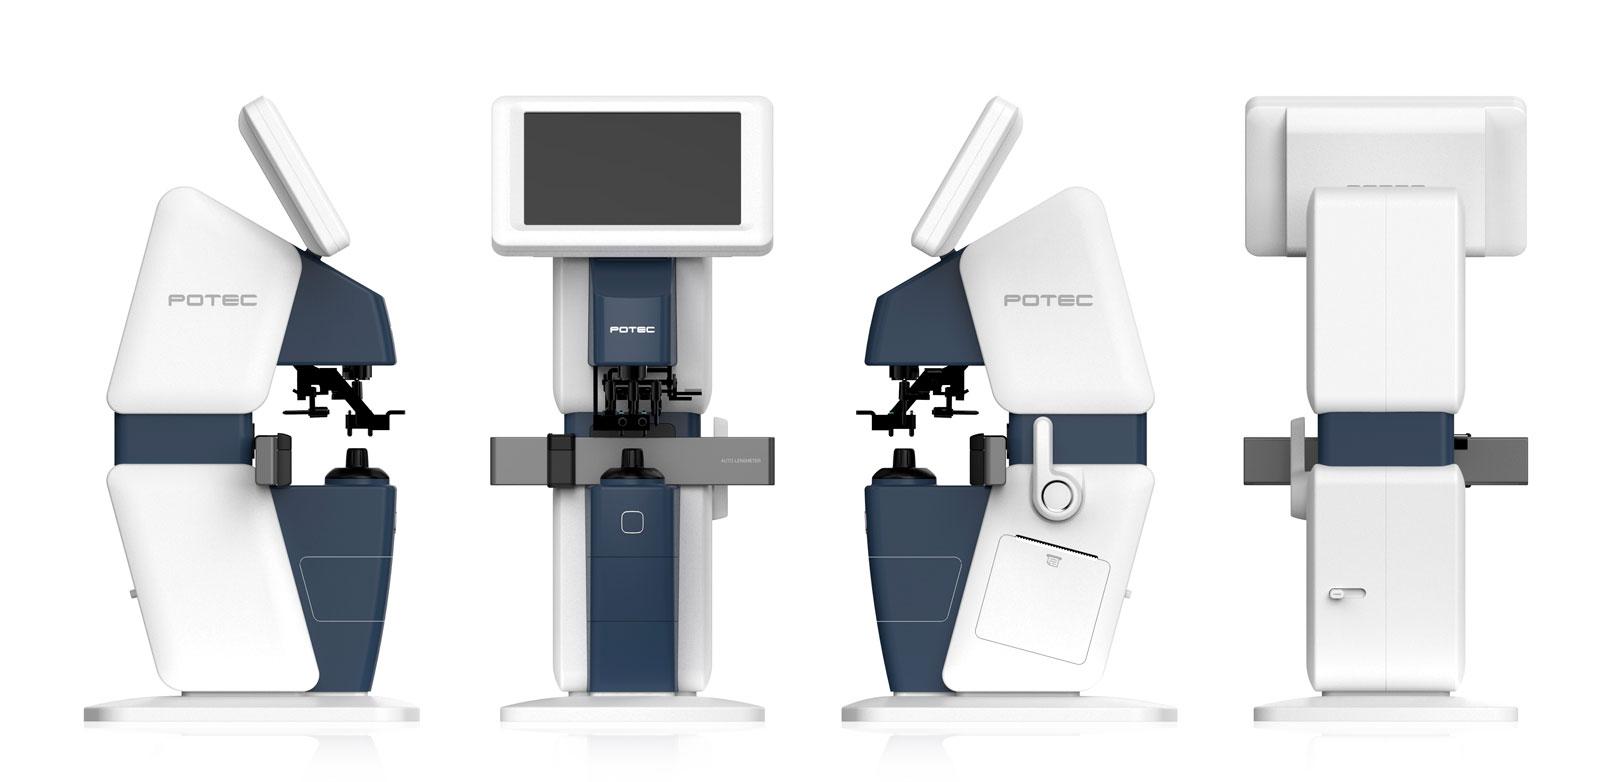 Auto lensmeter Potec PLM-8000   Medoff